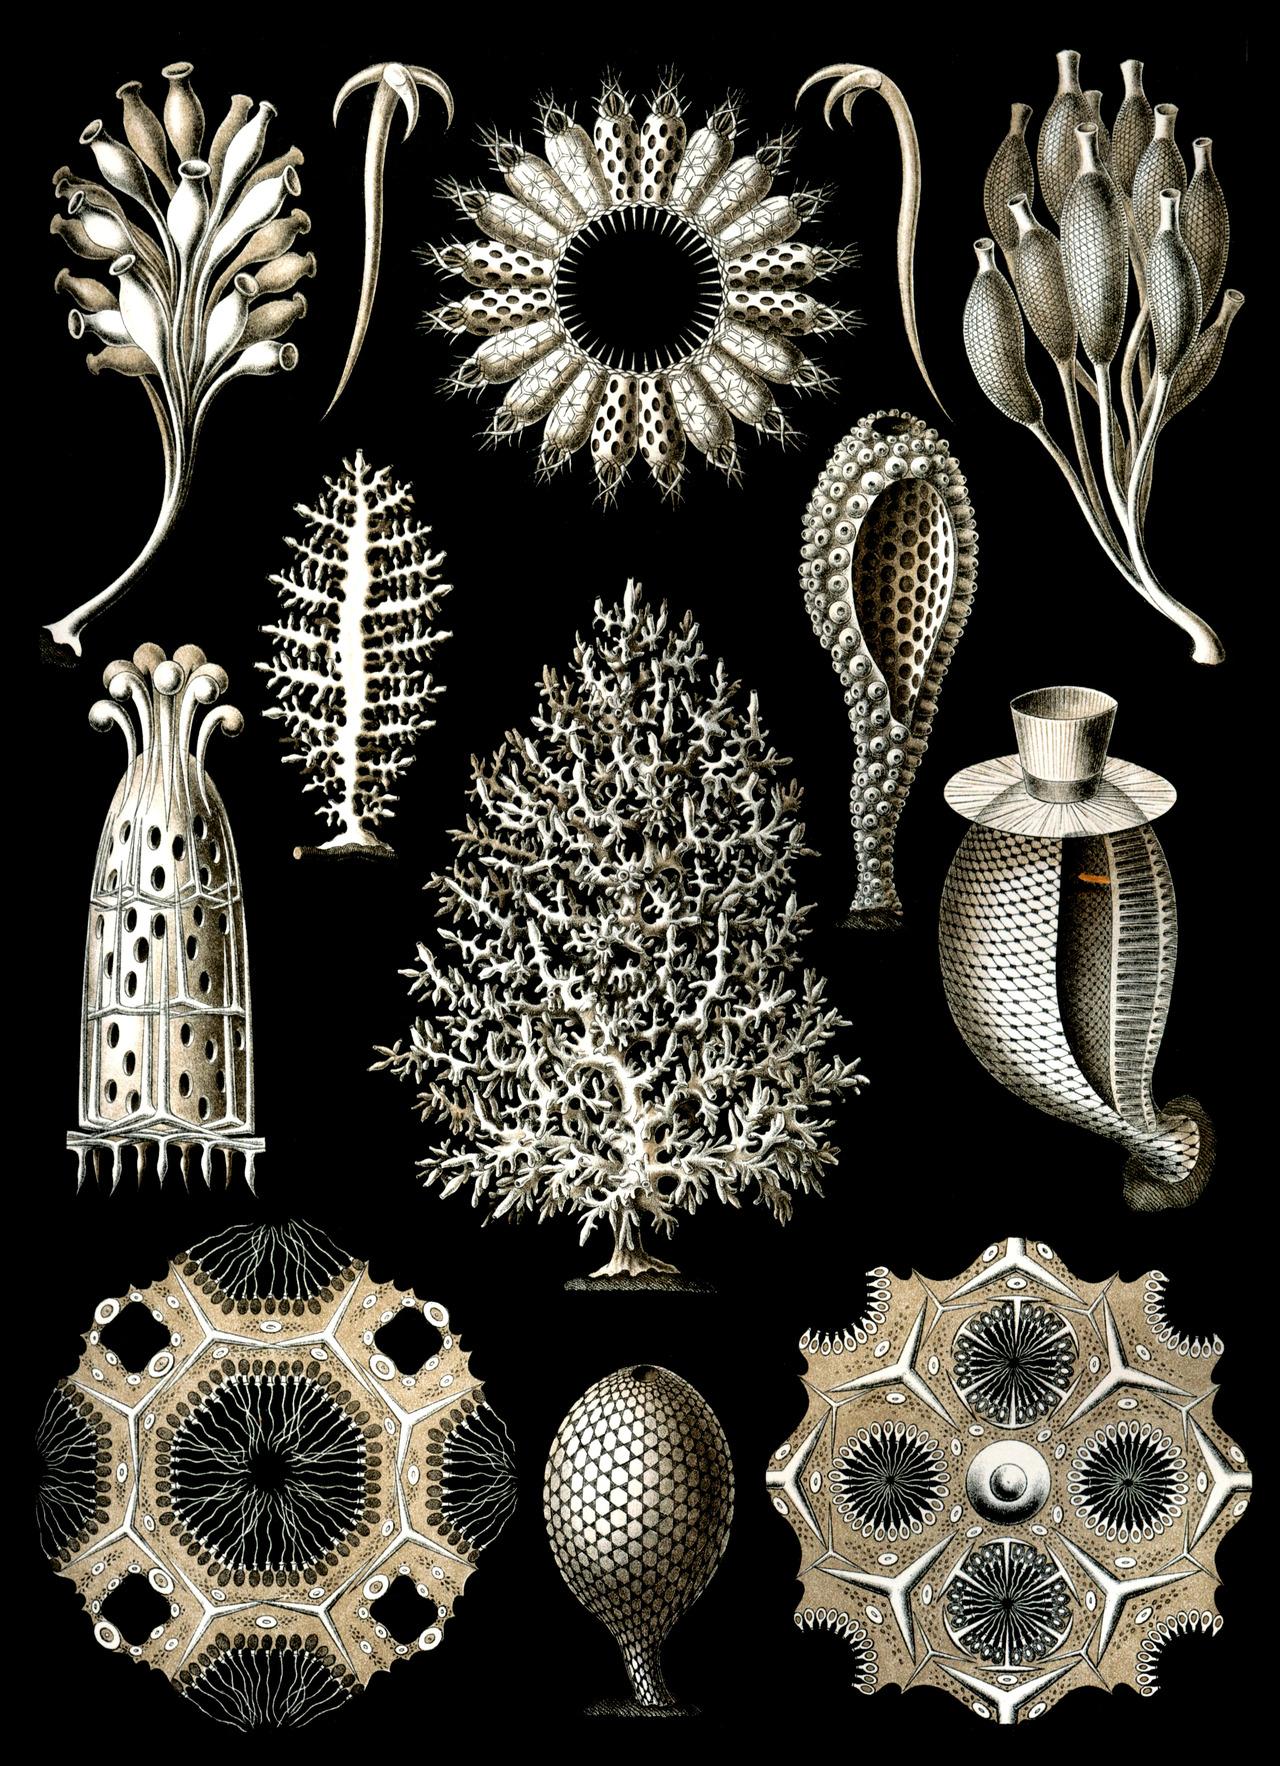 Calcareous Sponges.